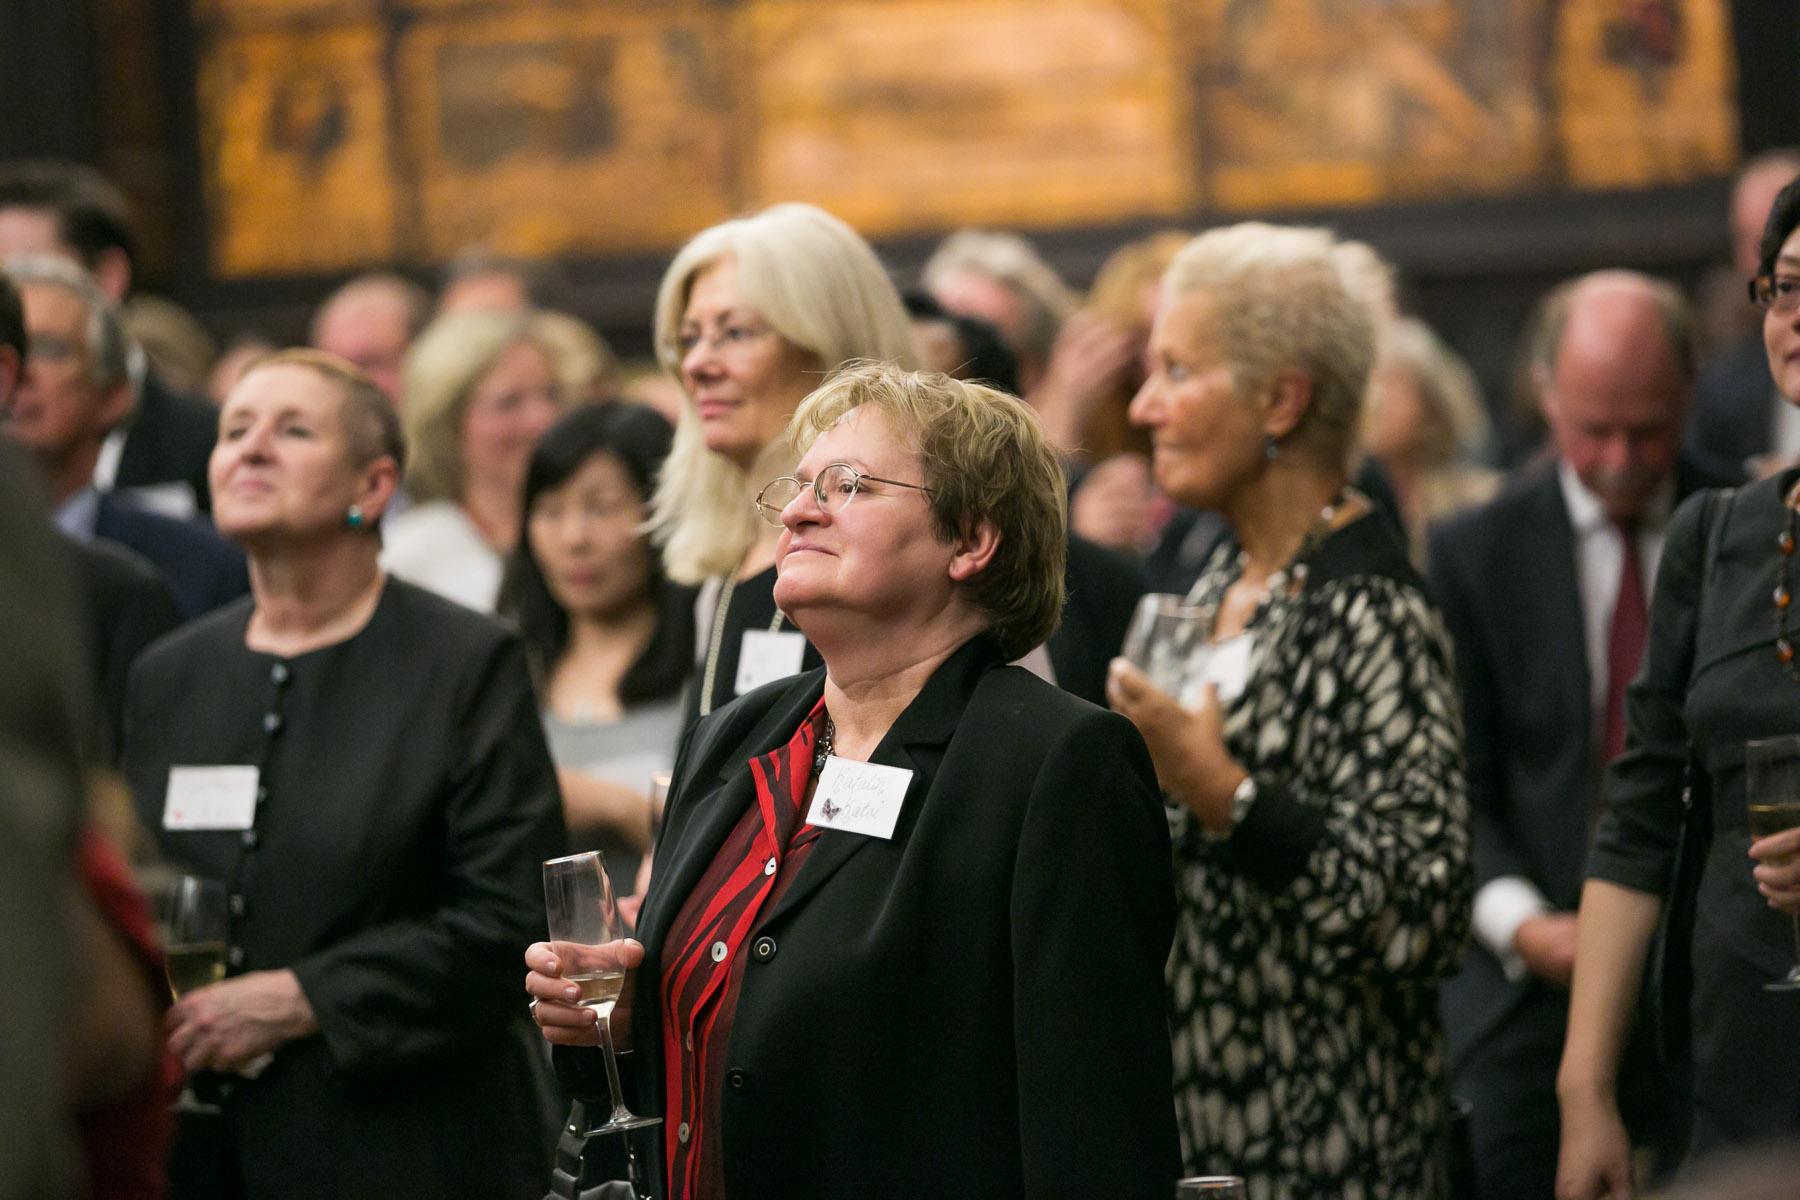 Lynette Owen, Sue Bradley, Katalin Katai, Marion Donne